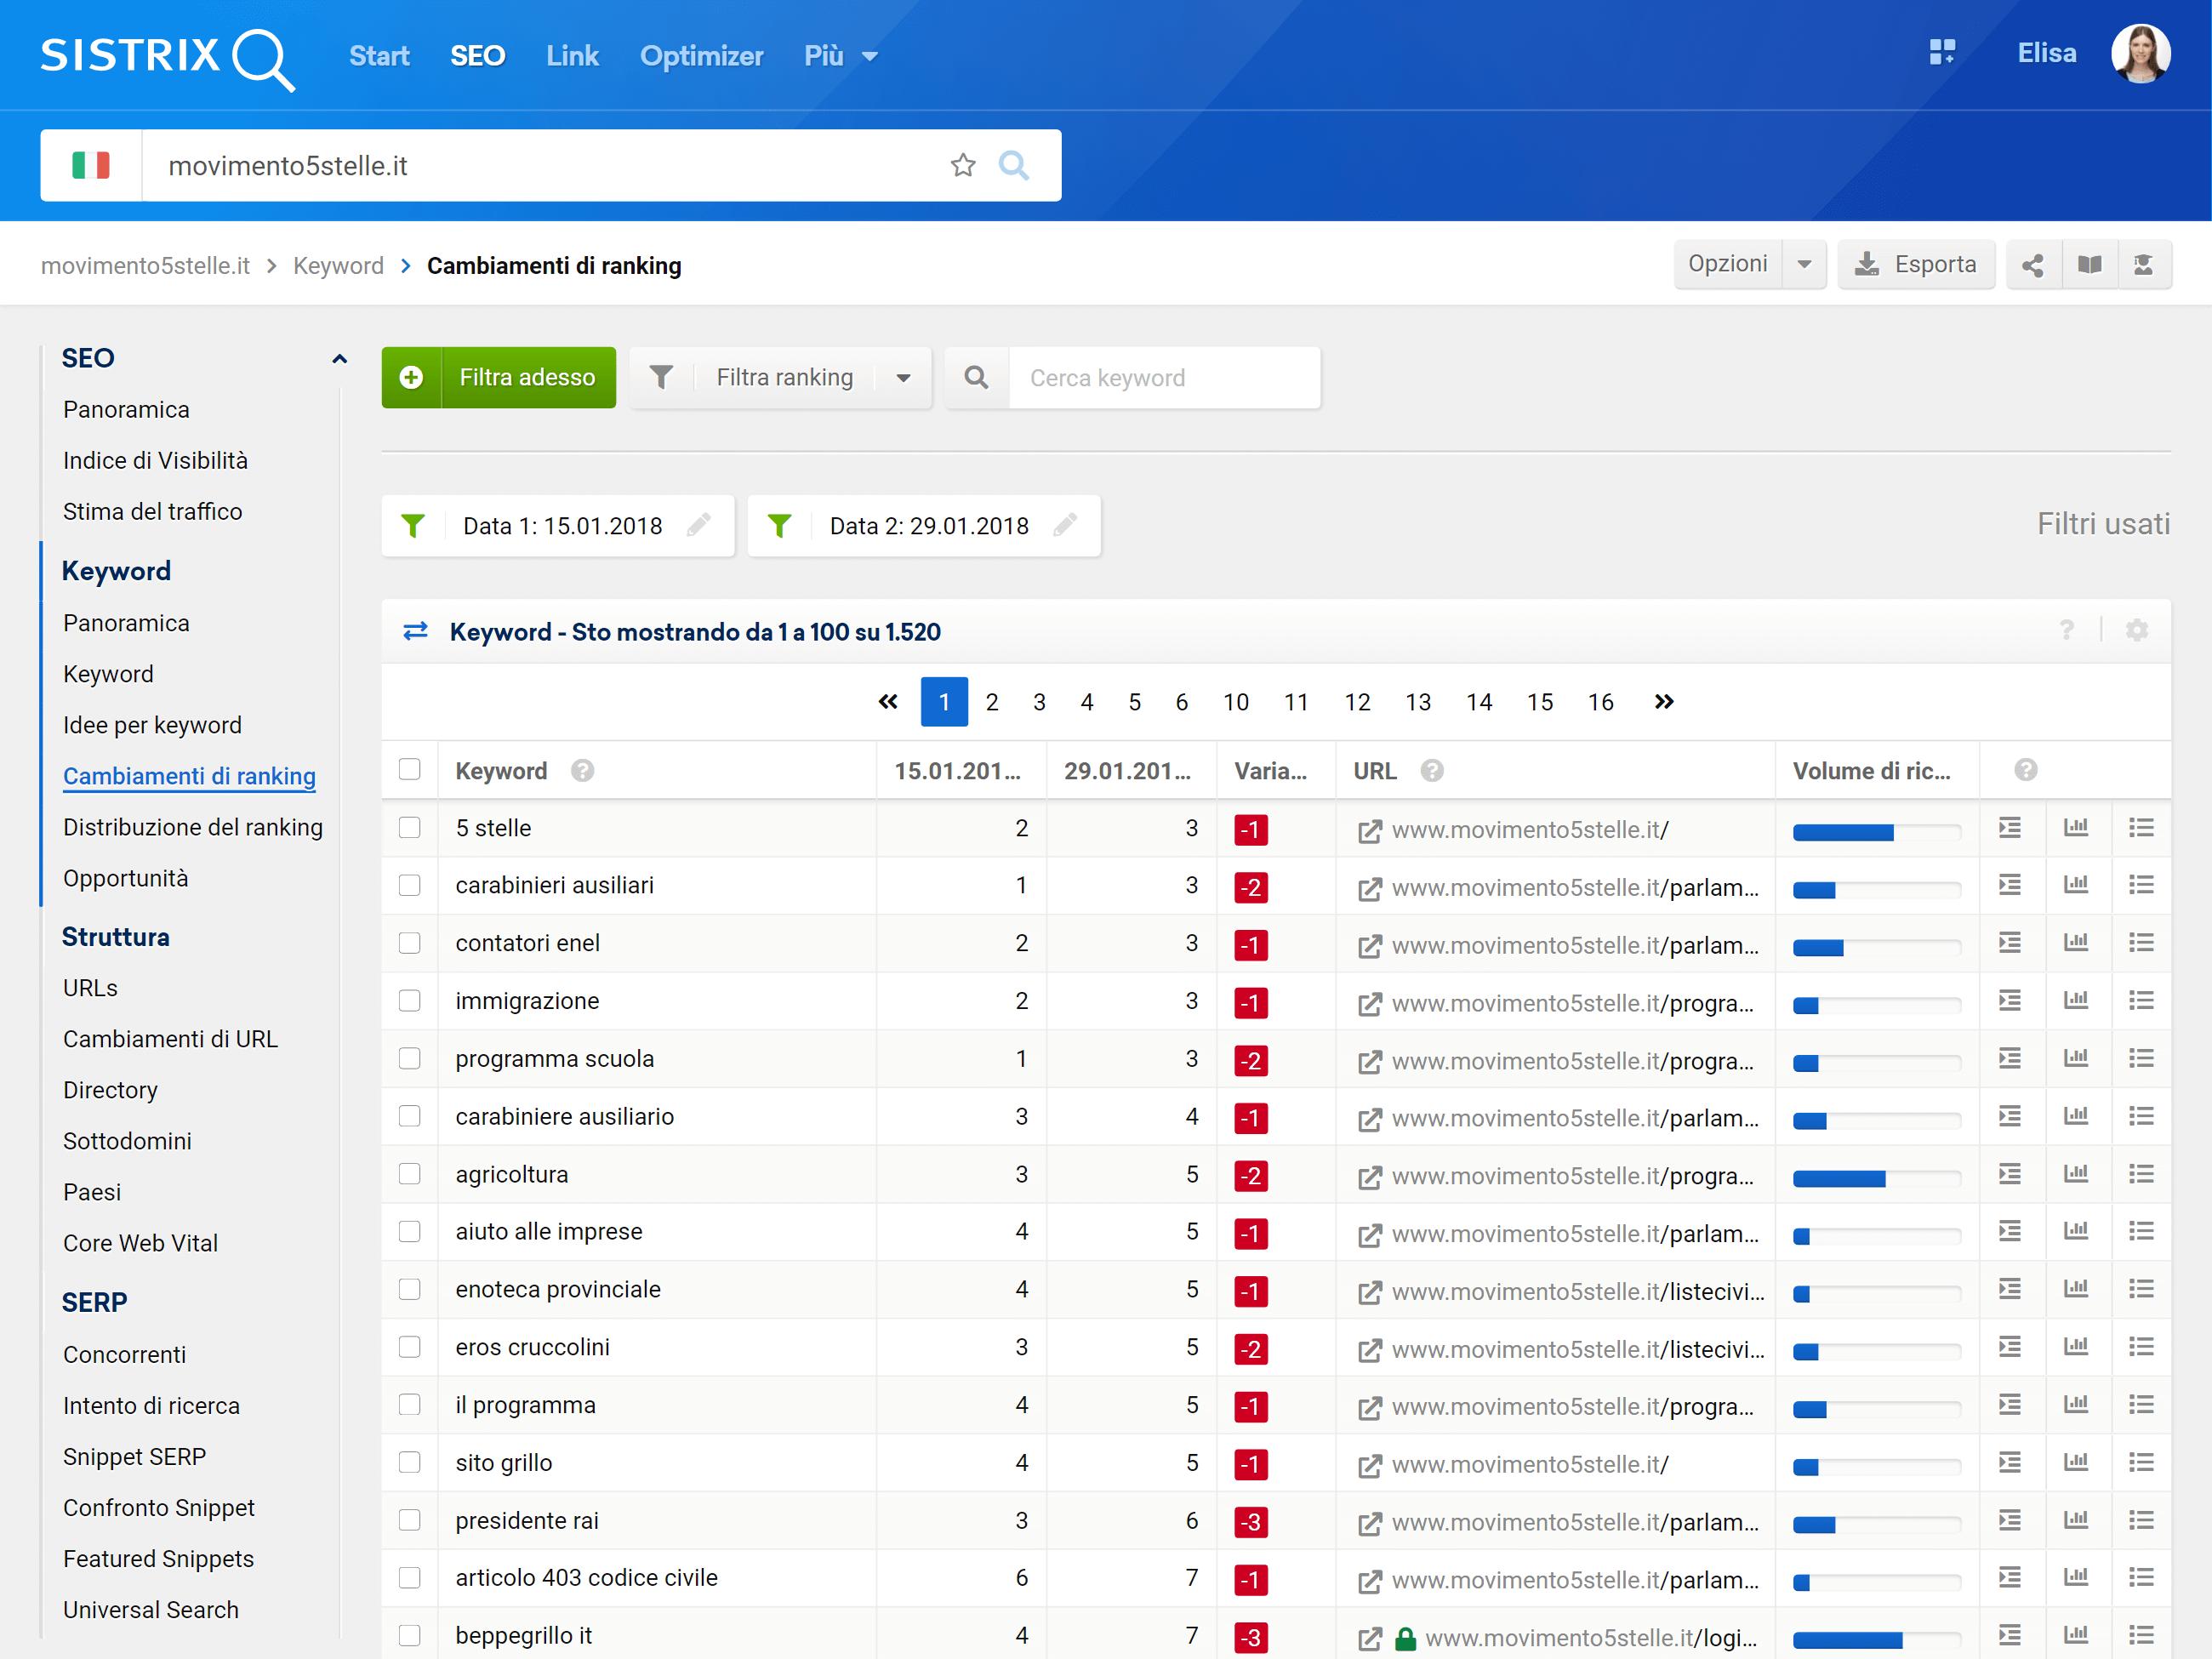 Keyword peggiorate di movimento5stelle.it tra il 15 gennaio e il 29 gennaio 2018